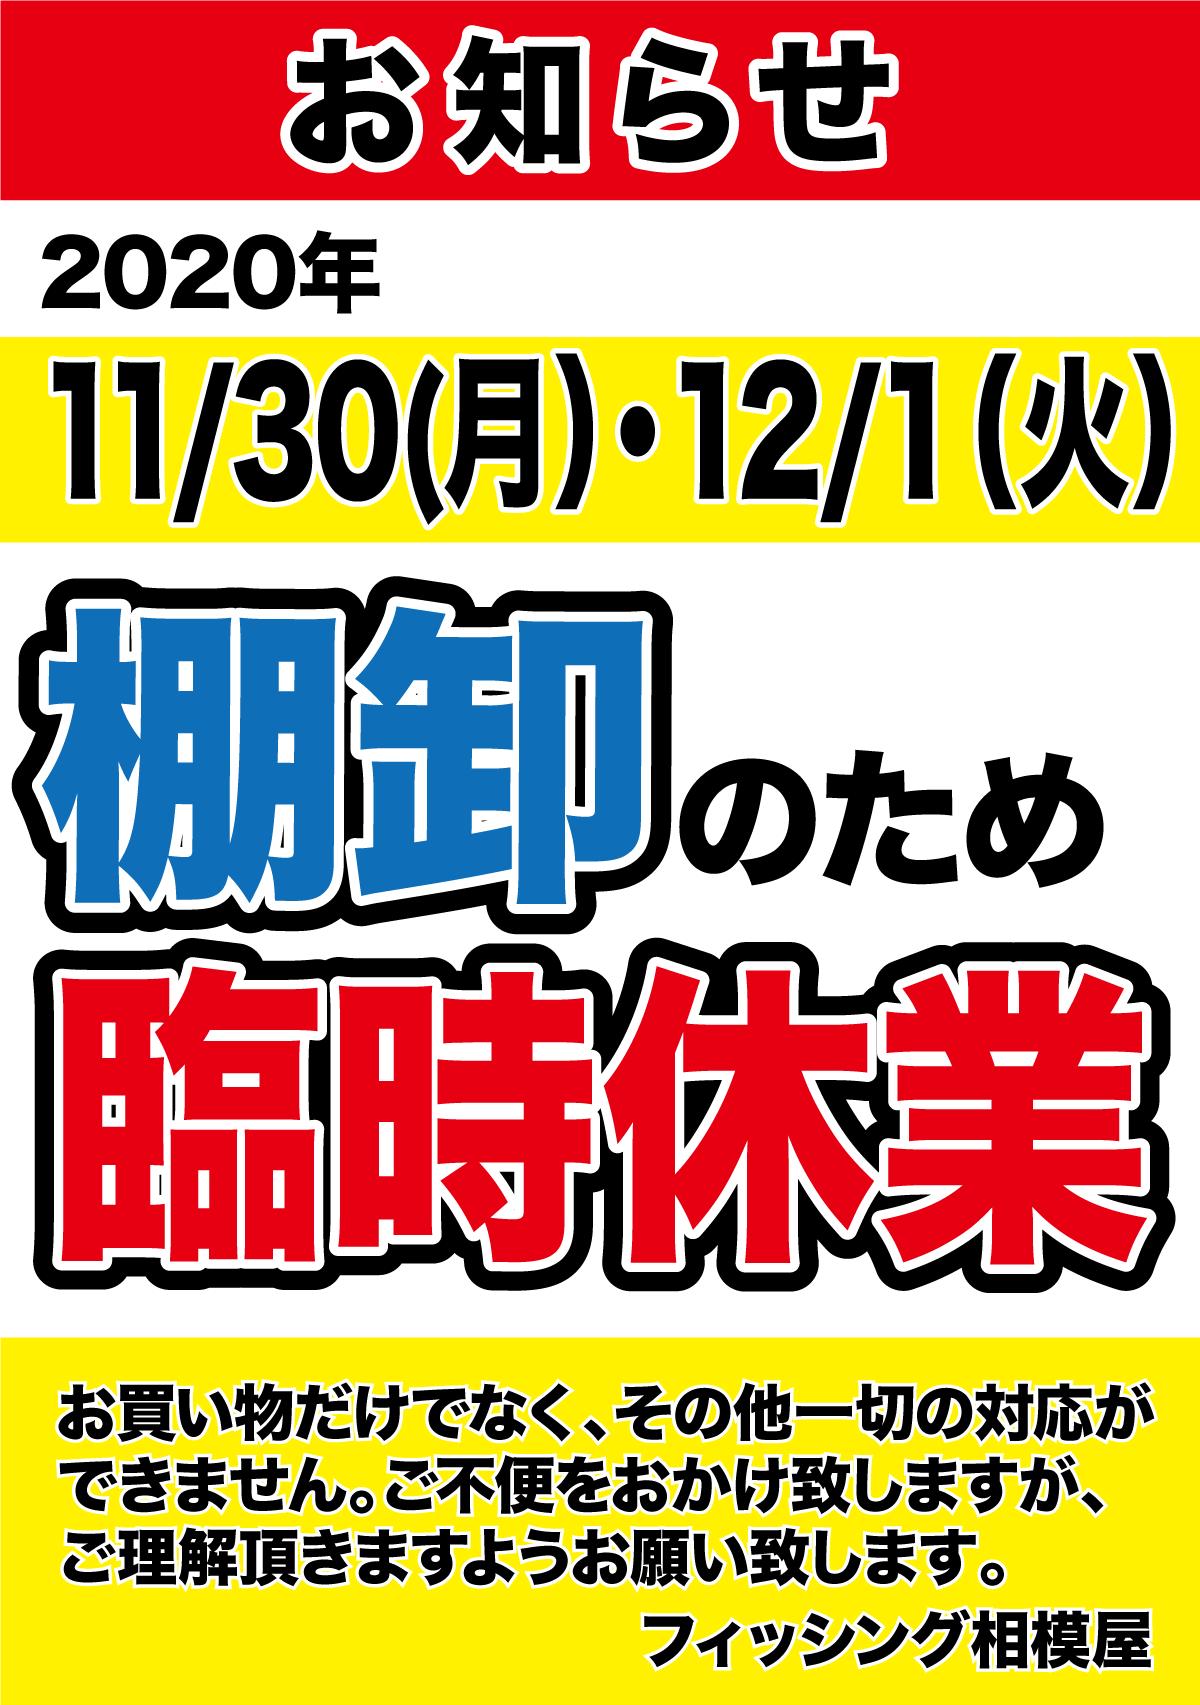 2020年11月30日(月)・12月1日(火)棚卸休業のお知らせ